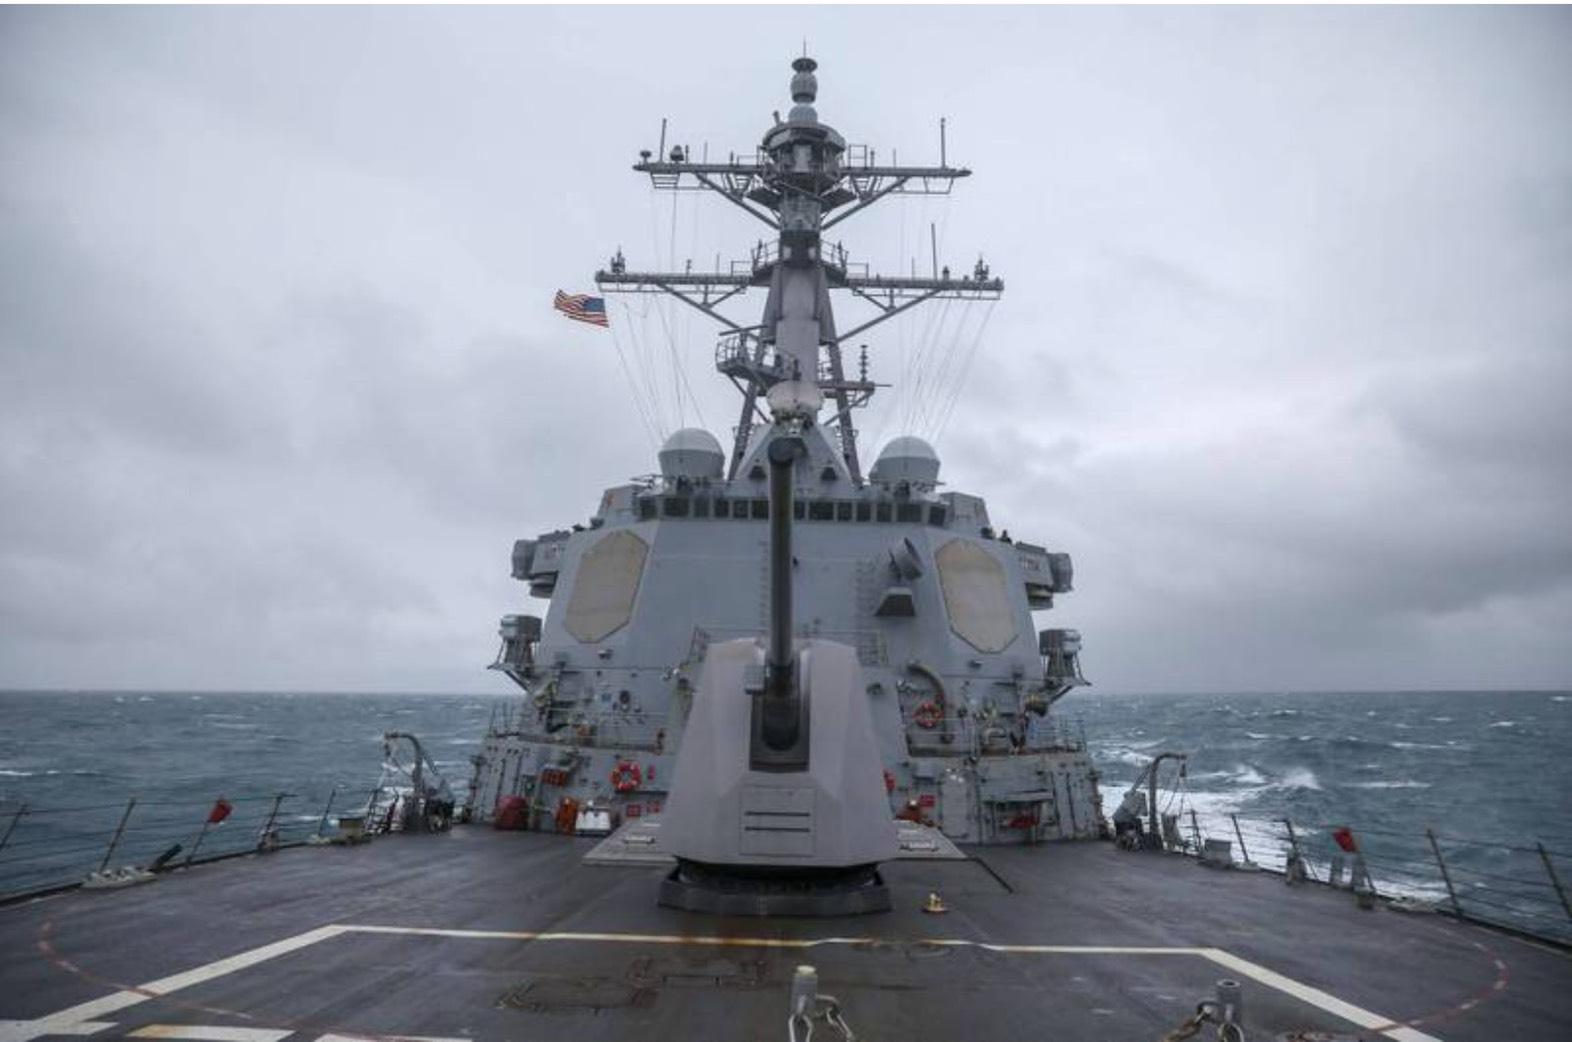 美国海军第七舰队伯克级神盾驱逐舰马斯廷号(USS Mustin DDG-89)今日通过台湾海峡